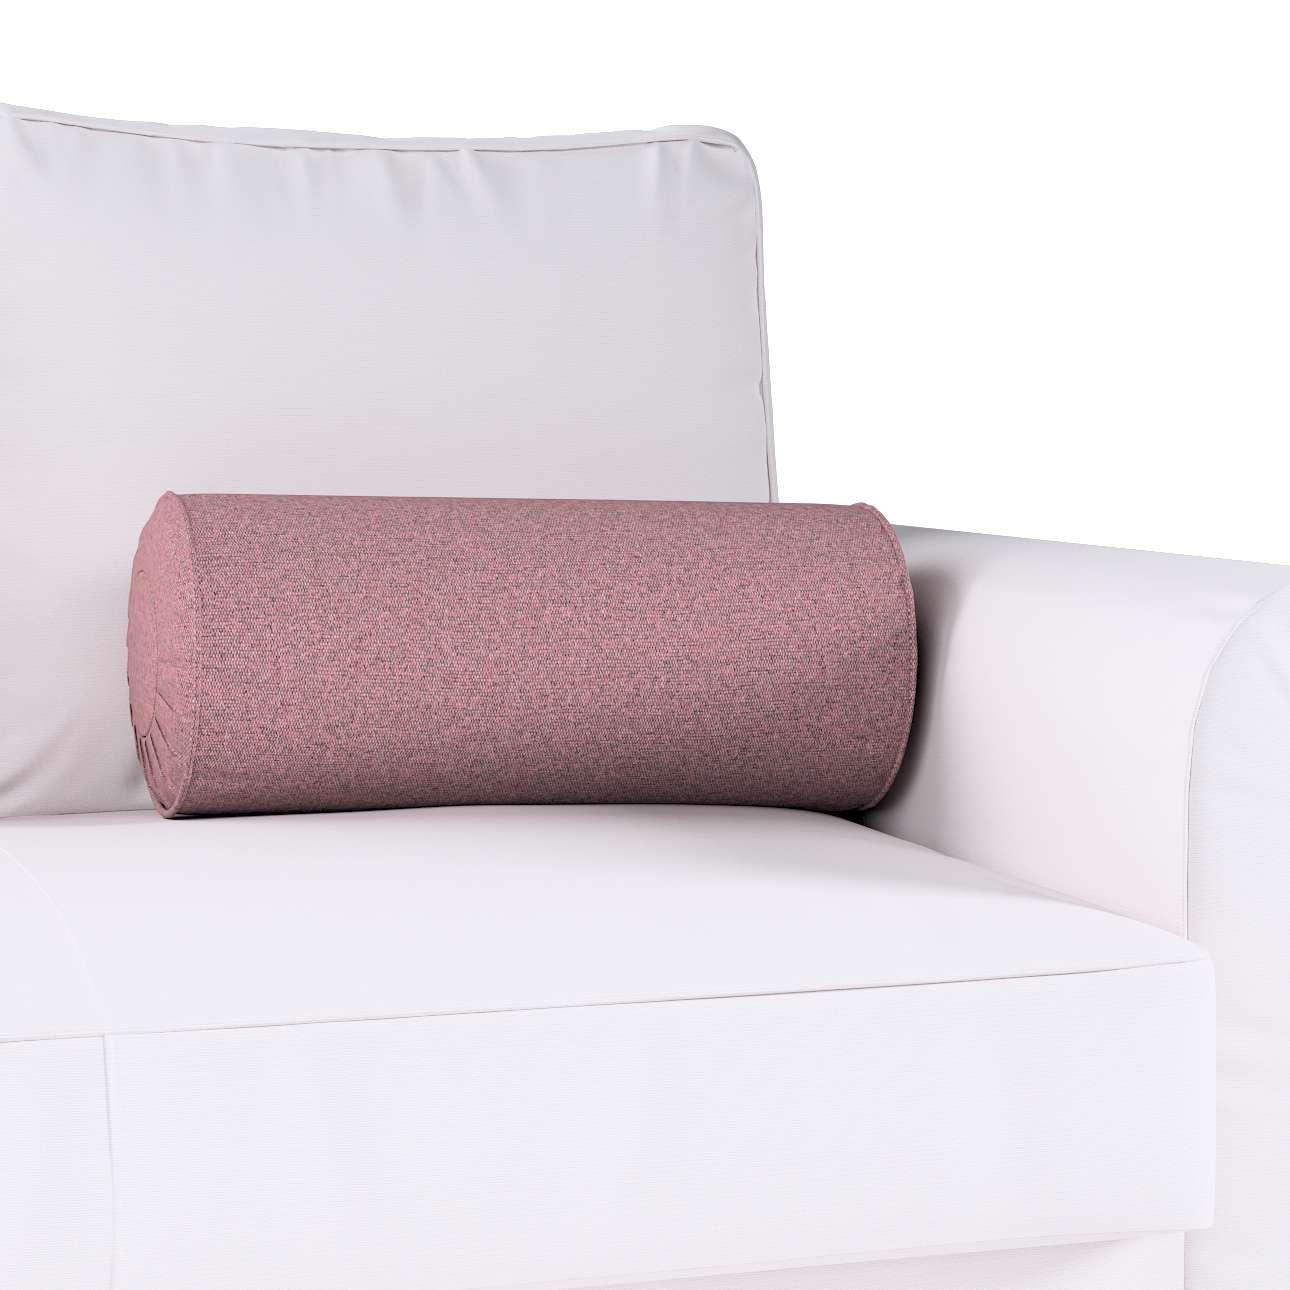 Poduszka wałek z zakładkami w kolekcji Amsterdam, tkanina: 704-48